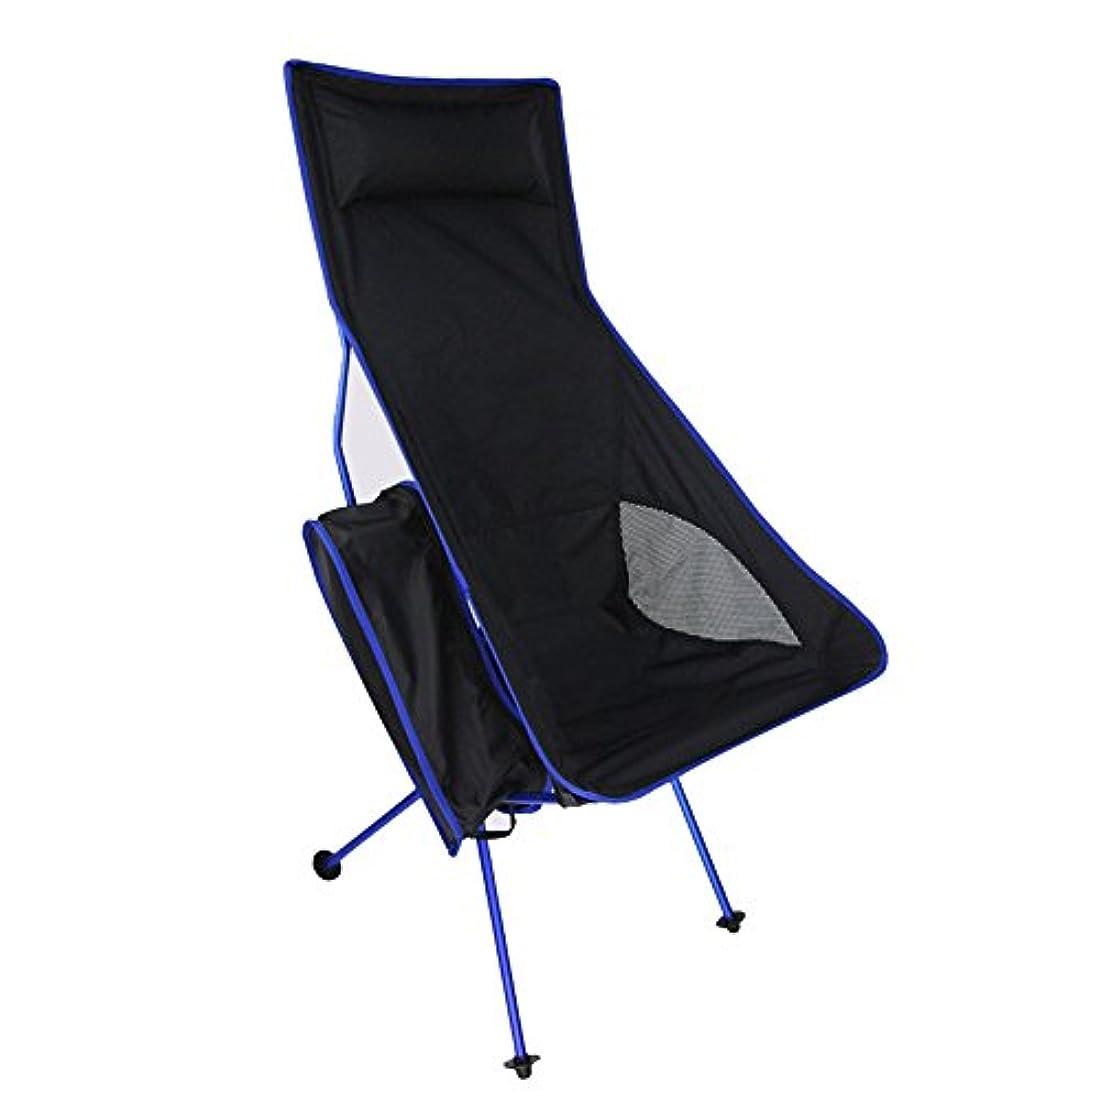 不足法王ルビー屋外の折る携帯用キャンプチェア/アルミ合金の月の椅子、折る設計 アウトドア キャンプ用